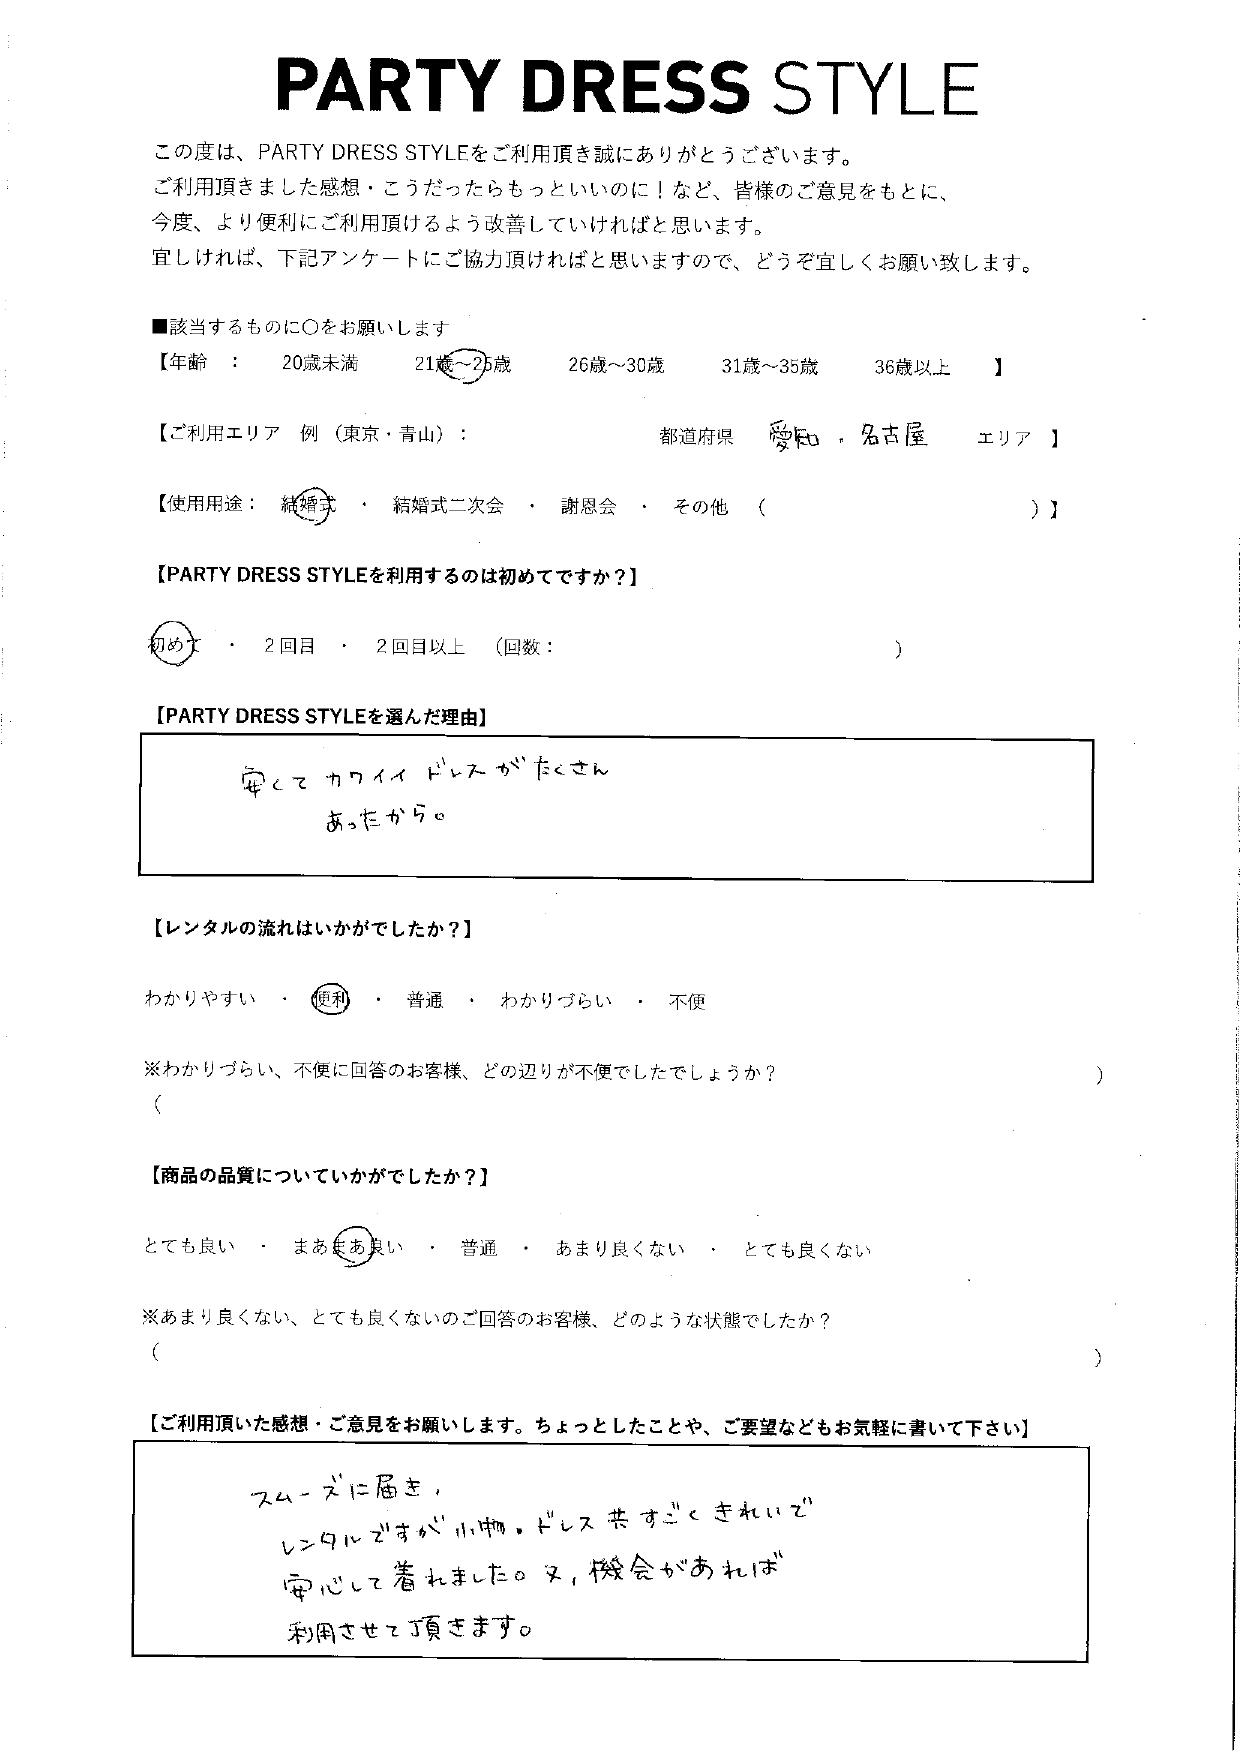 1/16結婚式ご利用 愛知・名古屋エリア